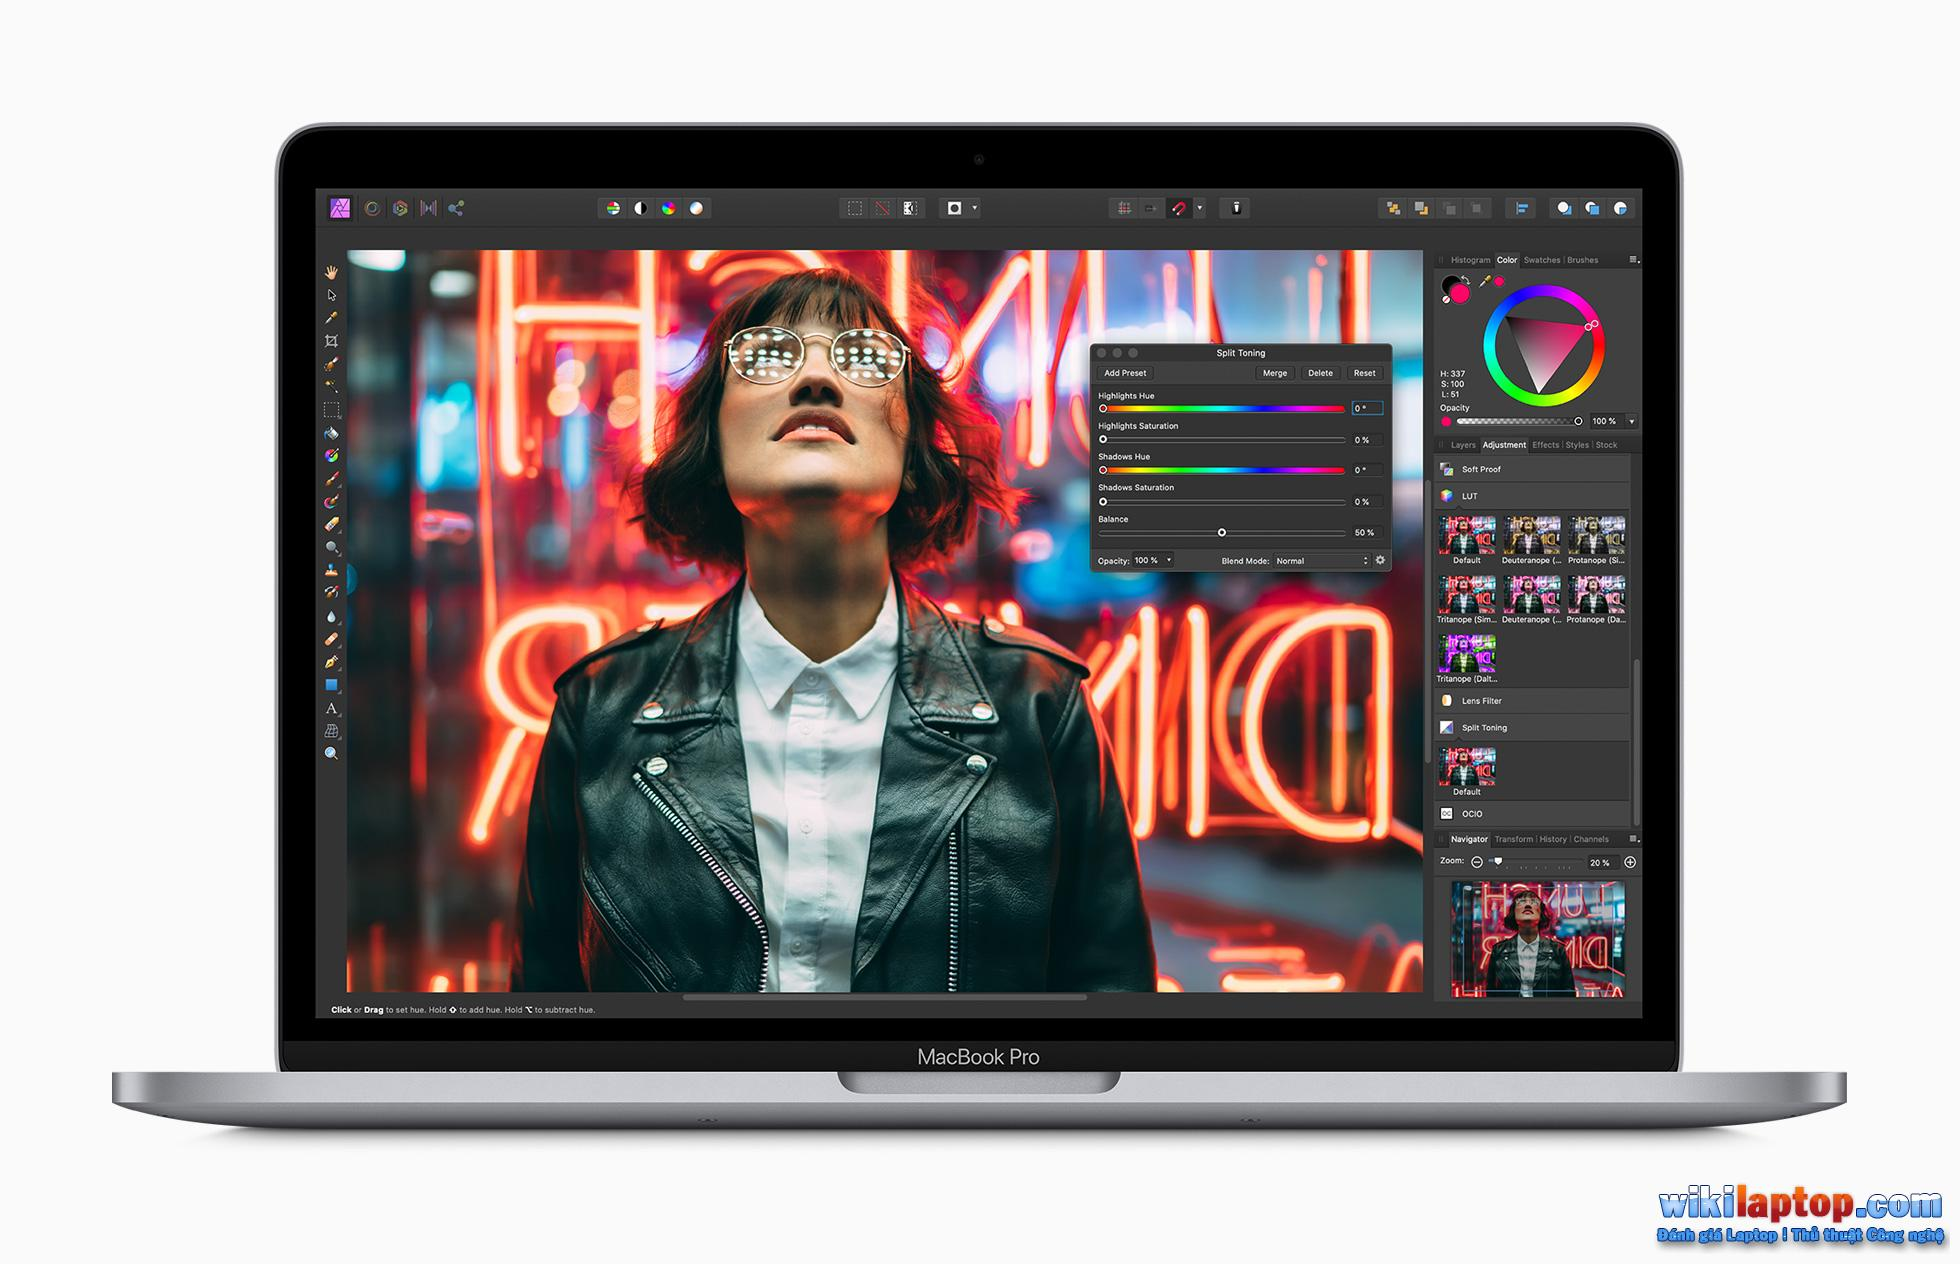 Sforum - Trang tin công nghệ Apple Apple_macbook_pro-13-inch-with-affinity-photo_screen_05042020-1 MacBook Air 2020 và MacBook Pro 2020 13 inch: Tùy chọn nào phù hợp với chi phí và nhu cầu?